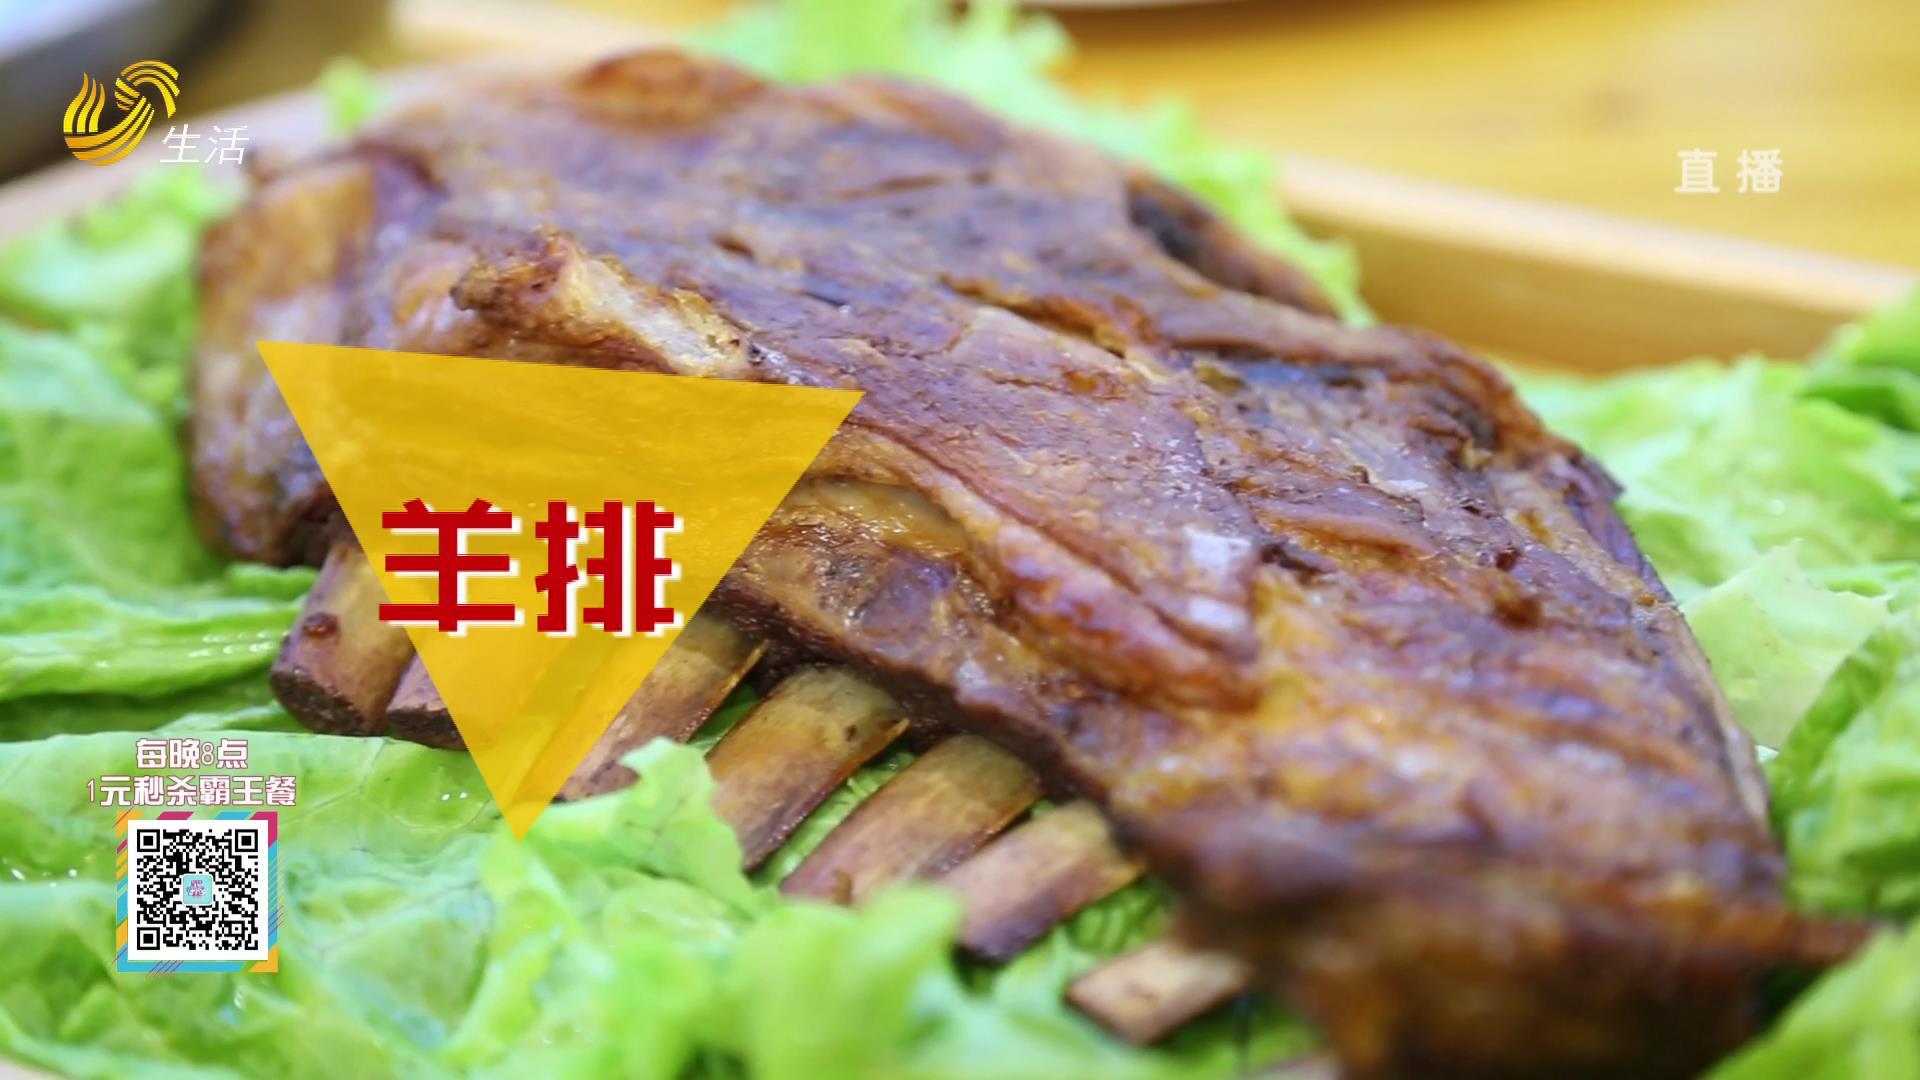 逛吃云博会 秒杀霸王餐 打卡365铁锅烀羊肉